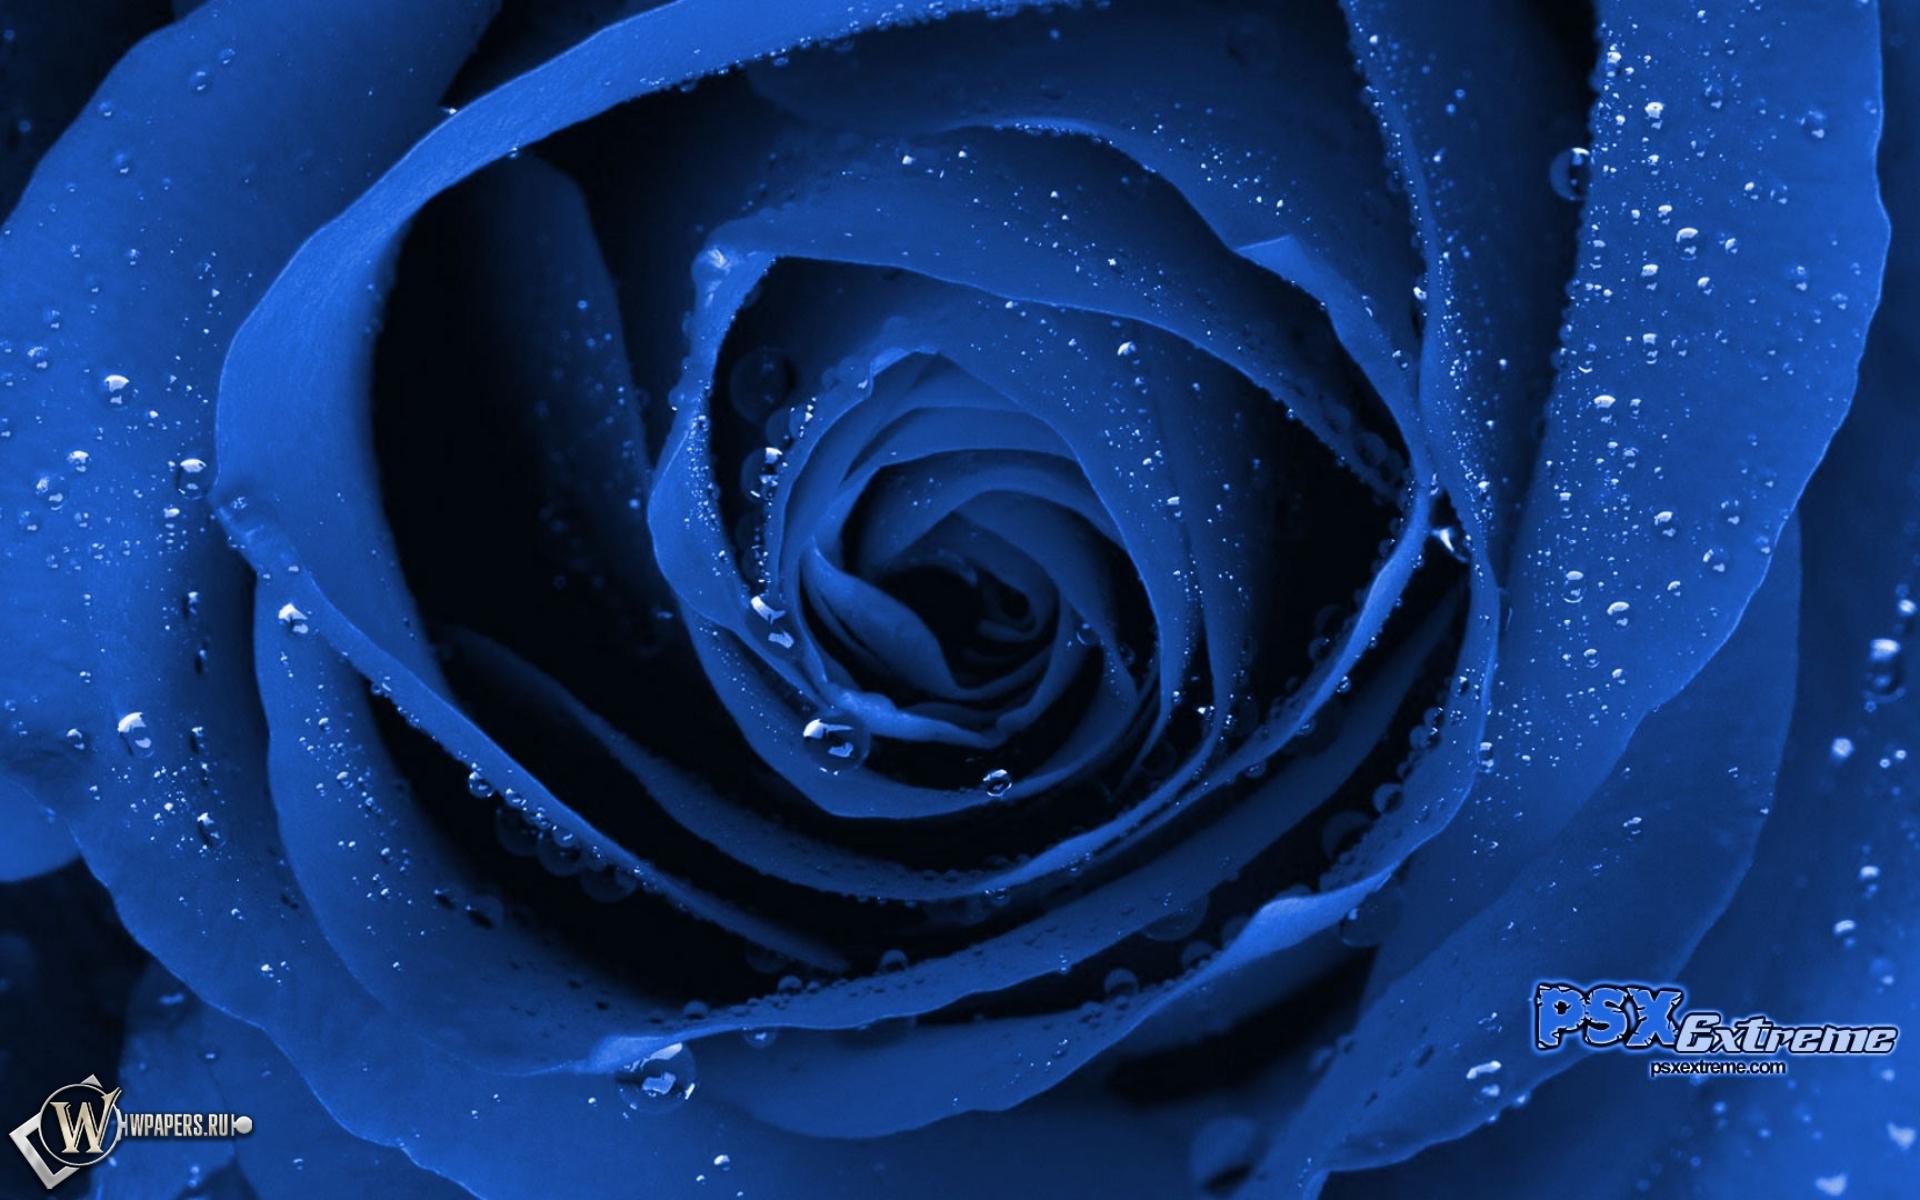 Синяя роза 1920x1200